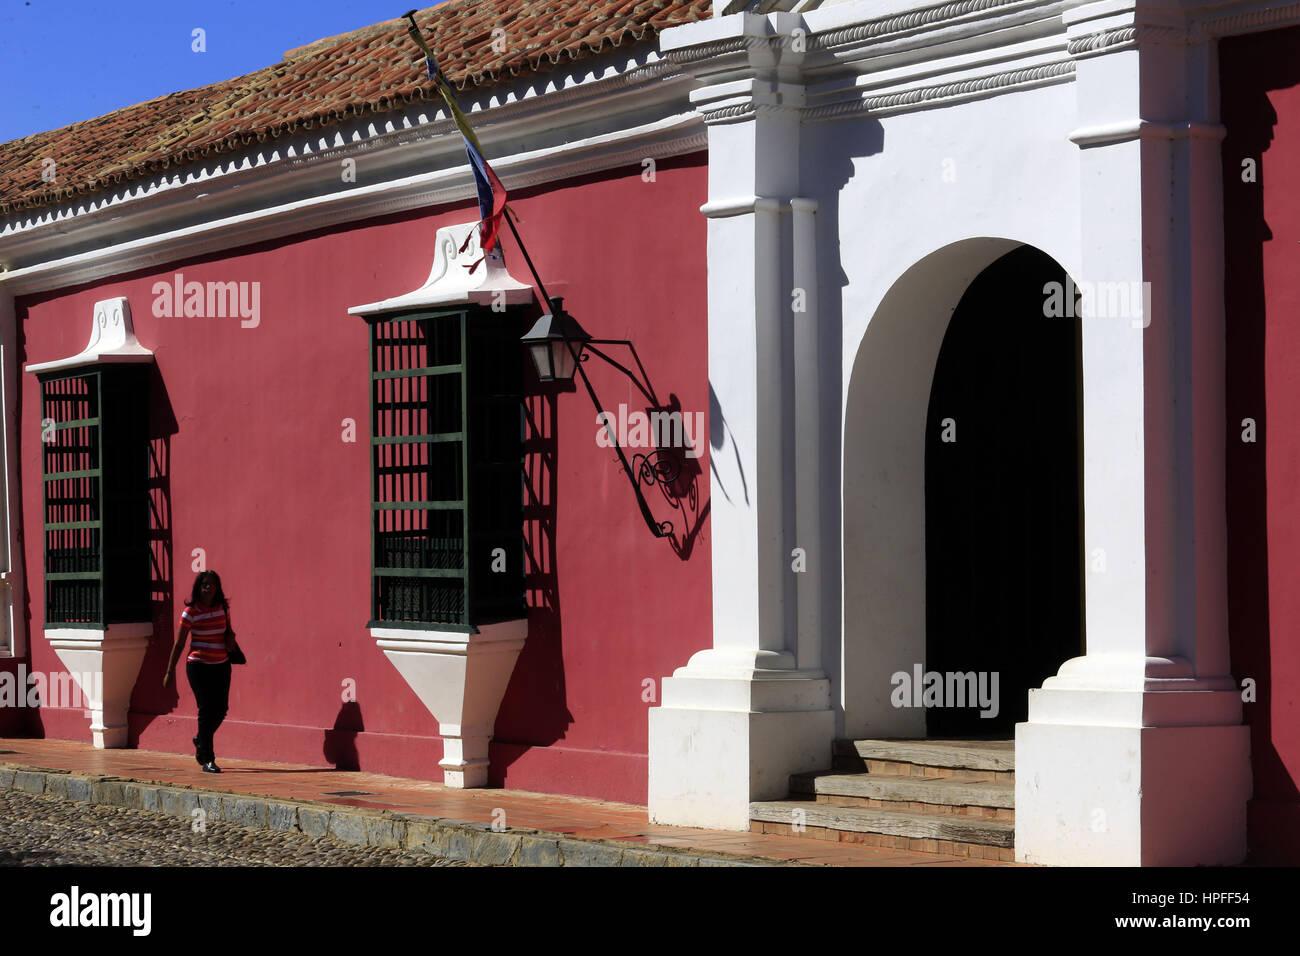 February 17, 2017 - Santa Ana  De Coro, Falcon, Venezuela - La ciudad de Santa Ana de Coro, mejor conocida como Stock Photo